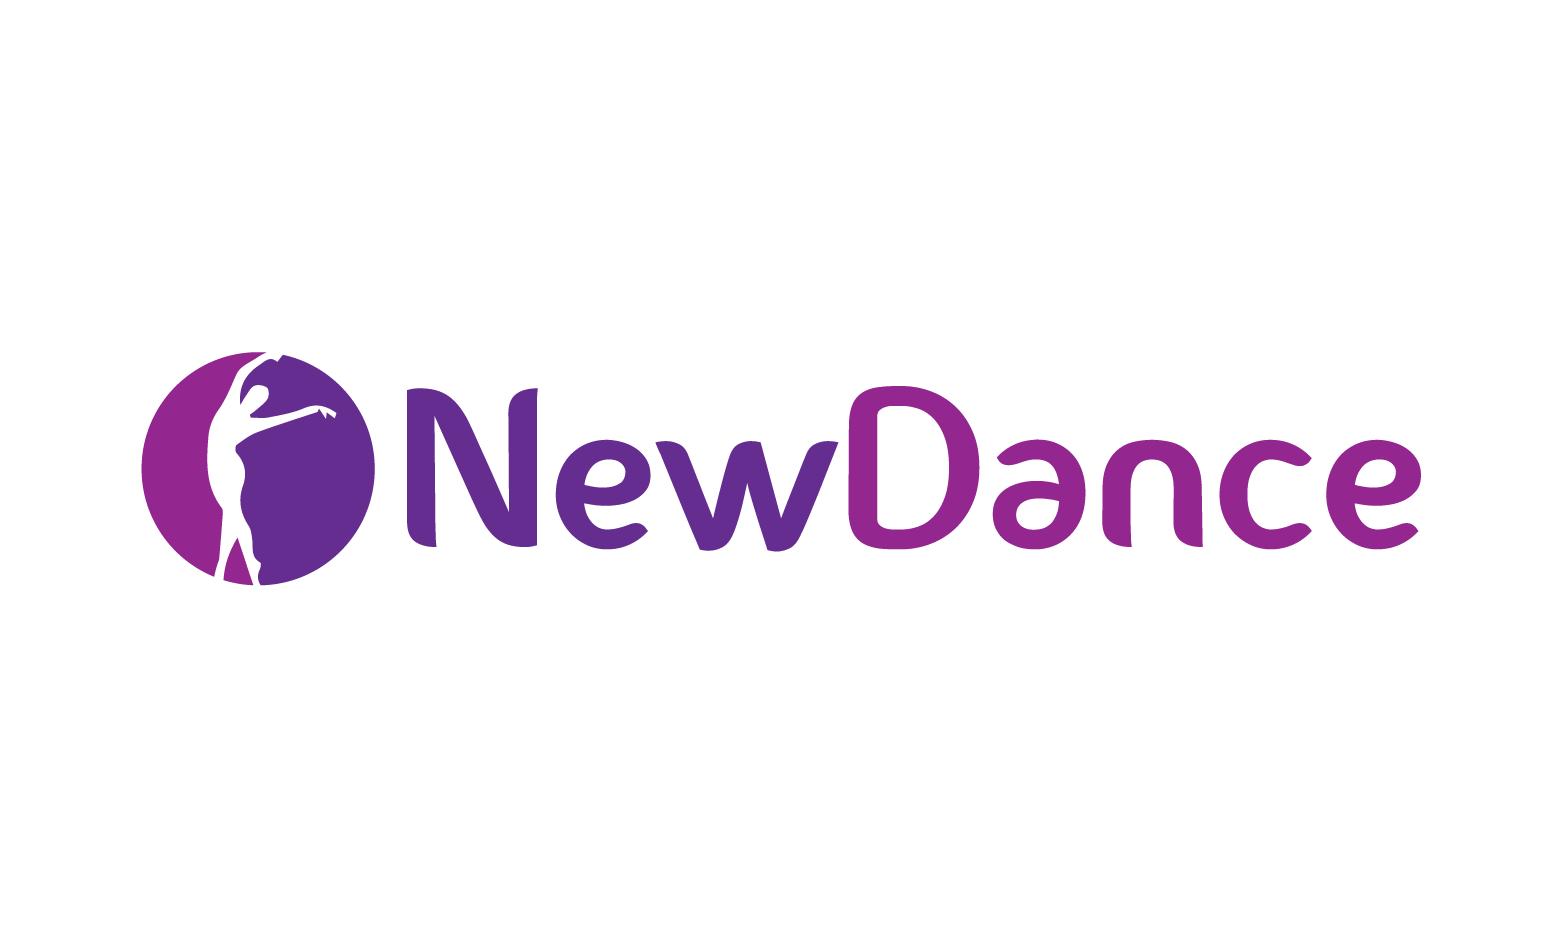 NewDance.com